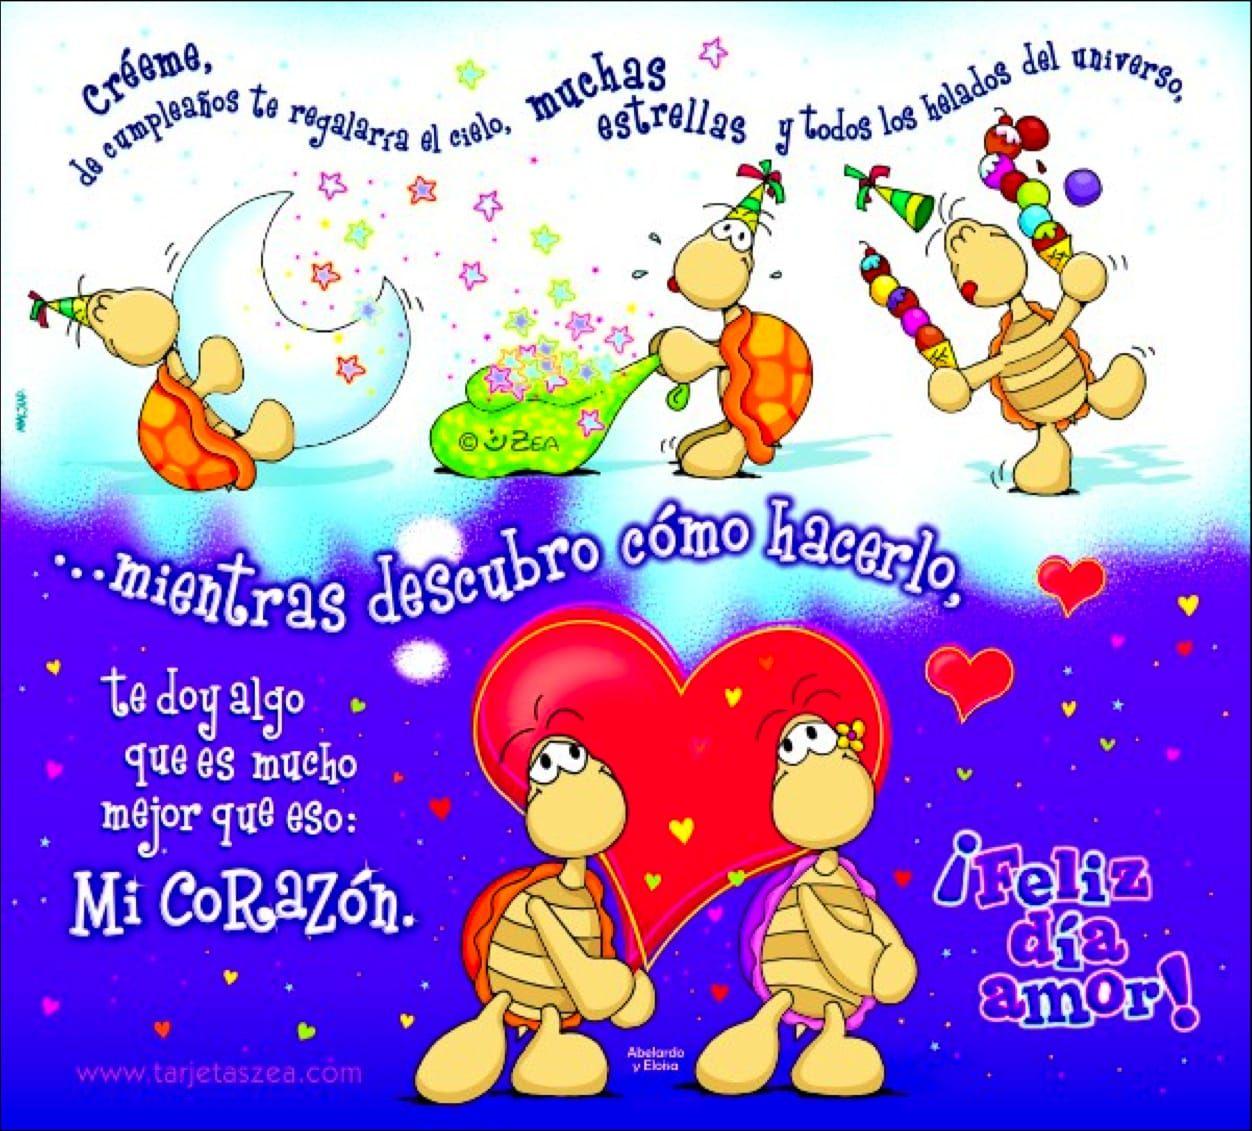 Pin de Jaime Enrique Puerres en Nuestro Amor | Feliz cumpleaños amor,  Imágenes de cumpleaños, Feliz cumpleaños